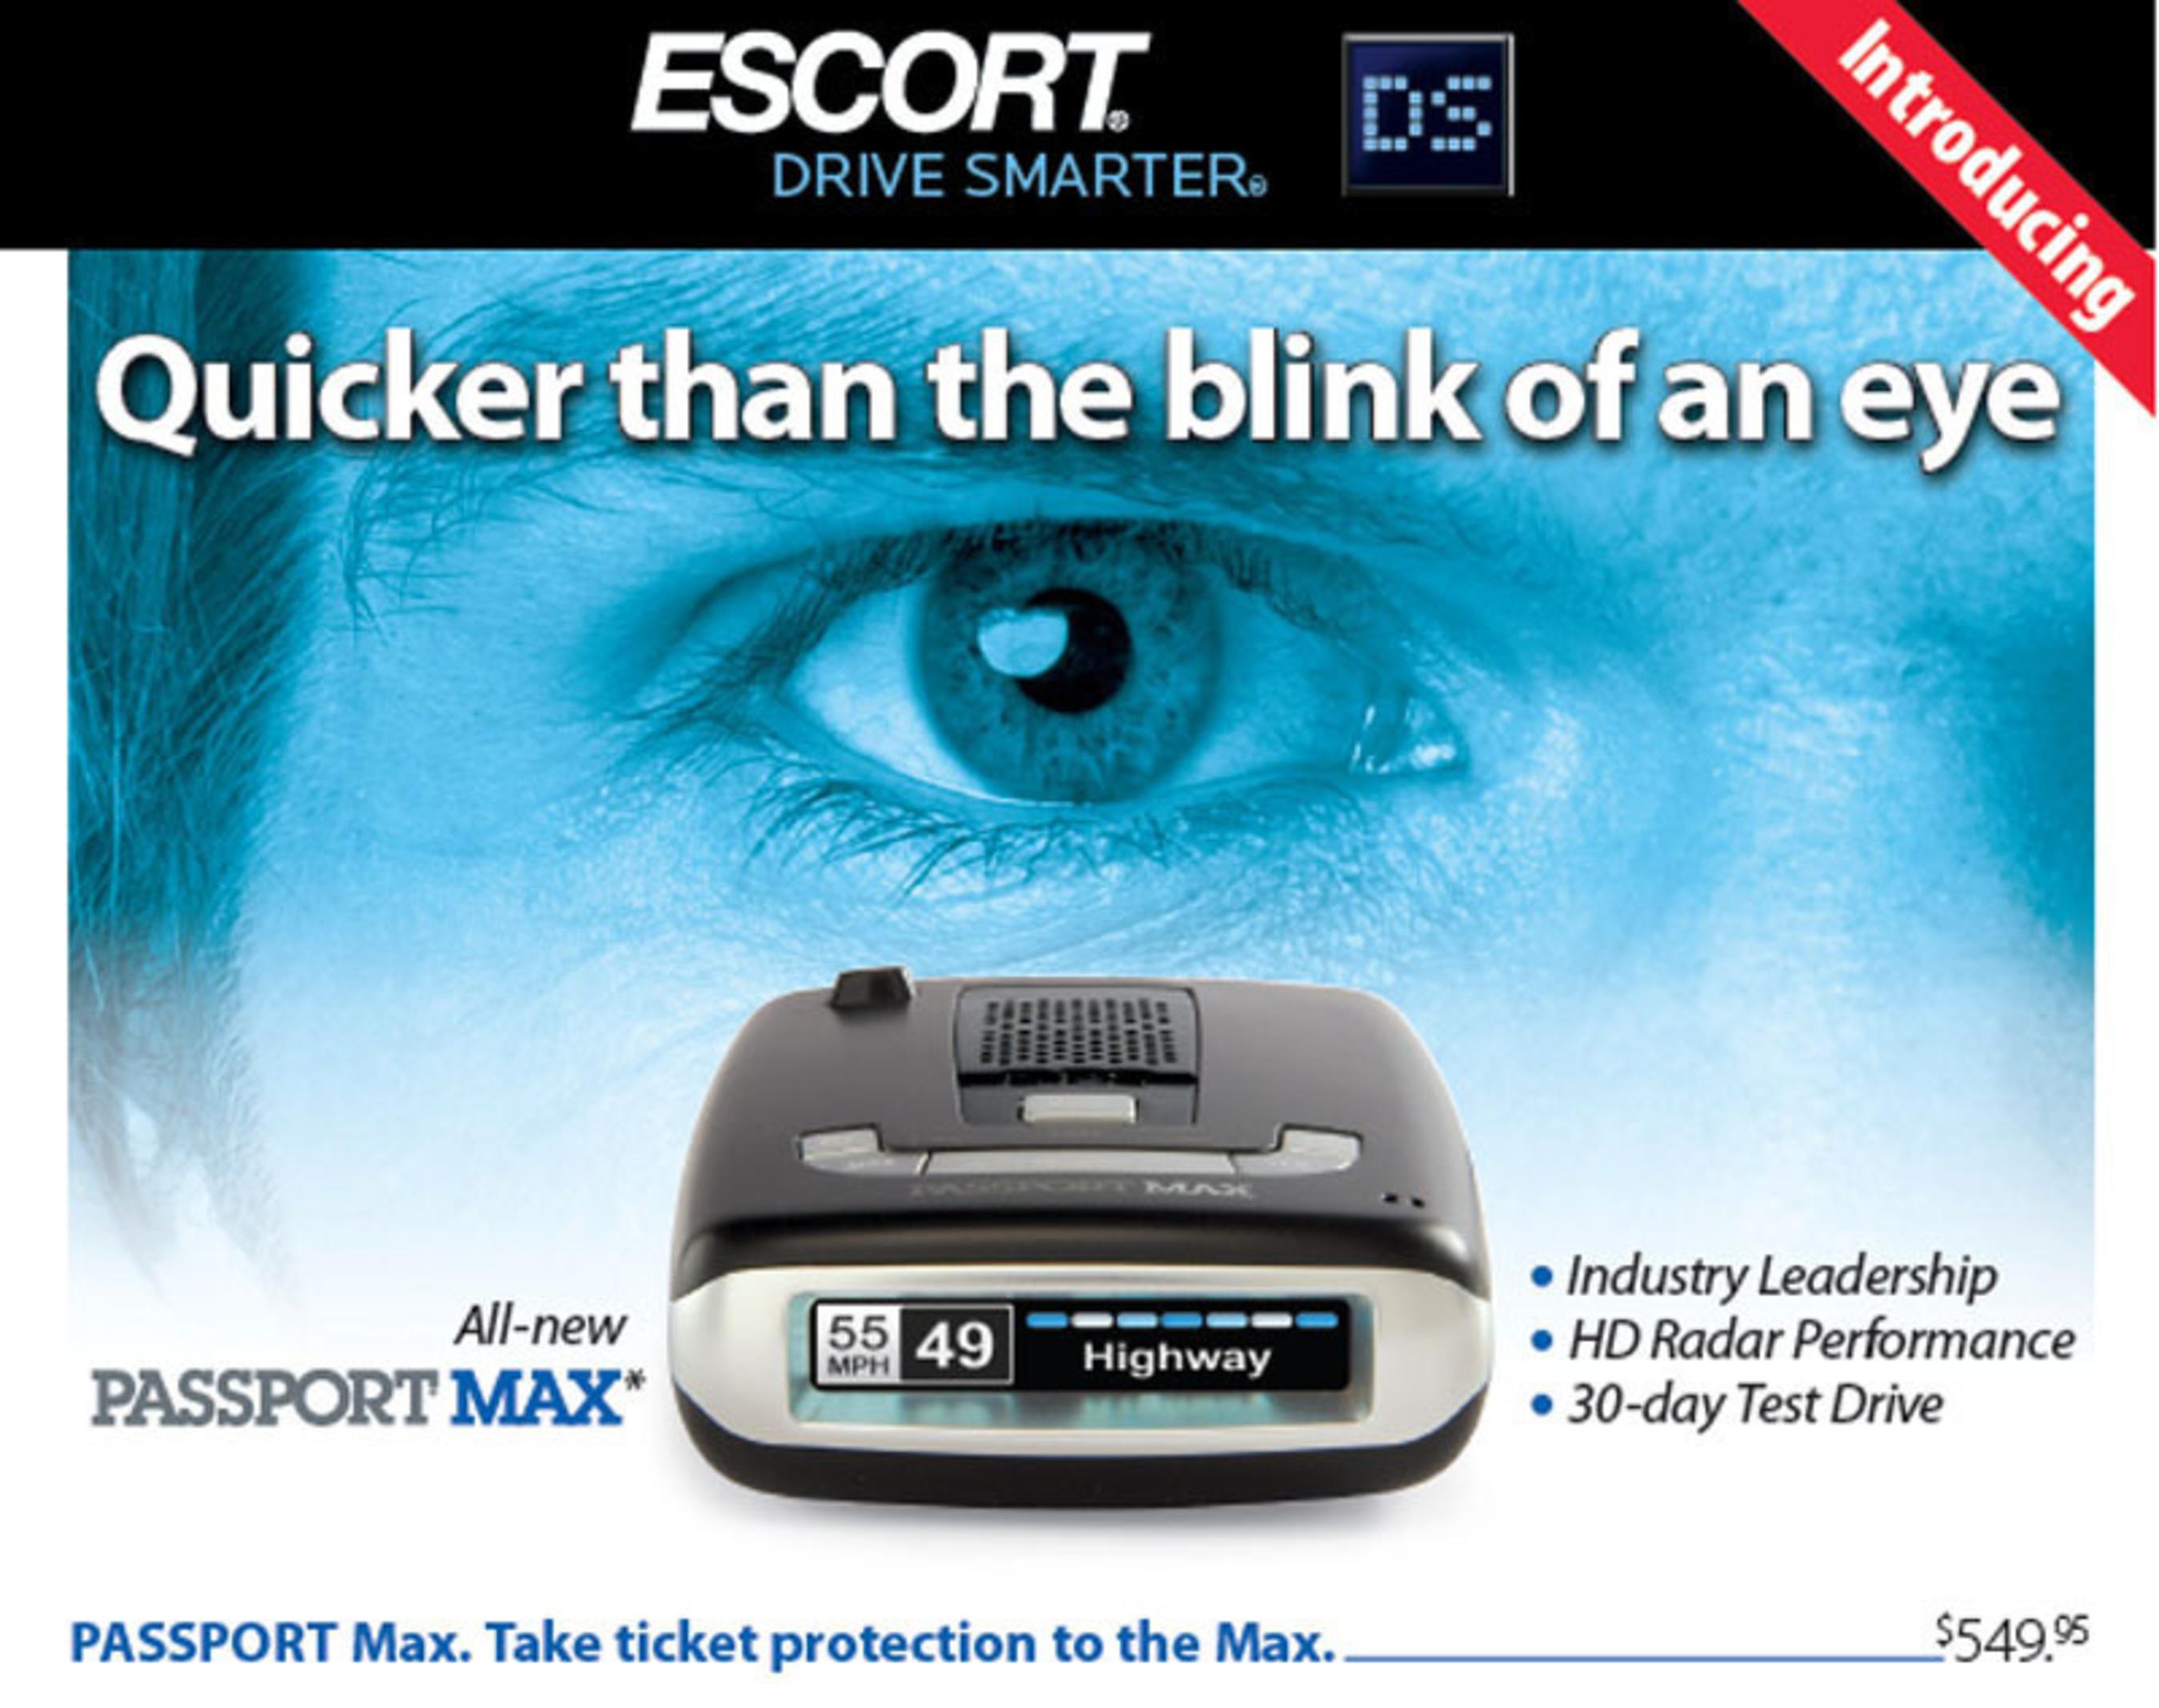 ESCORT: Quicker than the blink of an eye. (PRNewsFoto/ESCORT Inc.) (PRNewsFoto/ESCORT INC.)